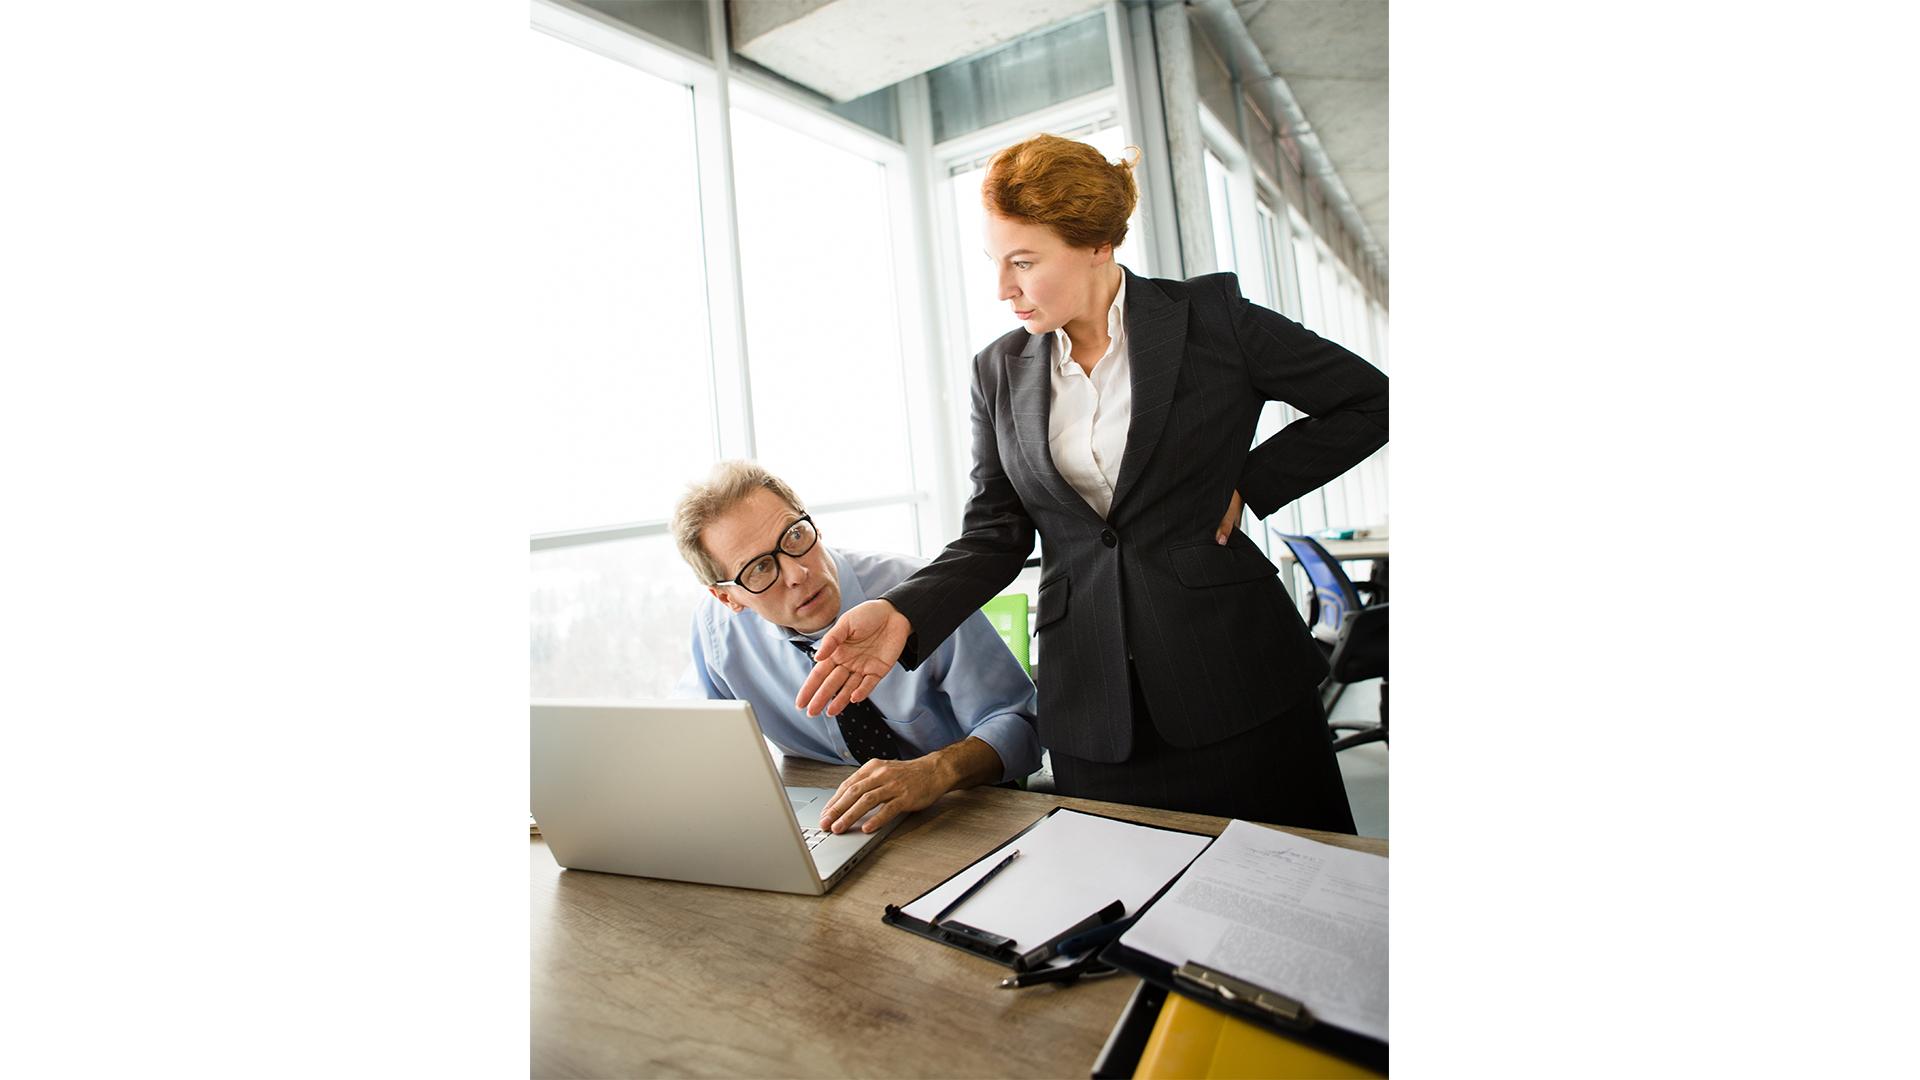 agresszió előítéletek empátia érzelmek faragó melinda főnök főnöki szék hormonok kisebbrendűségi érzés kompromisszum munkahely női főnök pszichológus ványik dóra vezető vezetői poszt